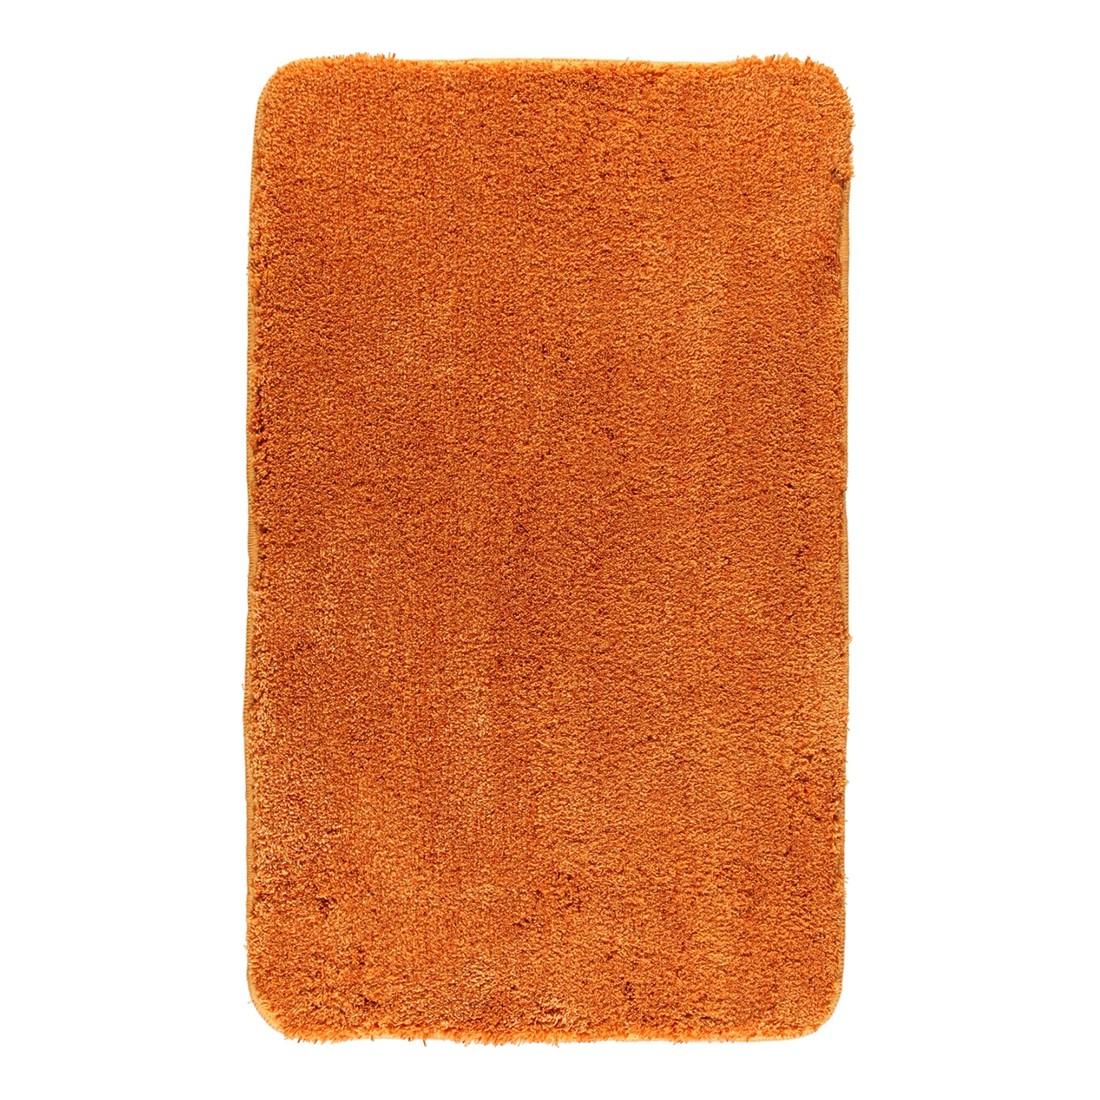 Badteppich Relax - 100% Polyacryl Rost - 316 - Toilettenvorlage: 55 x 55 cm, Kleine Wolke